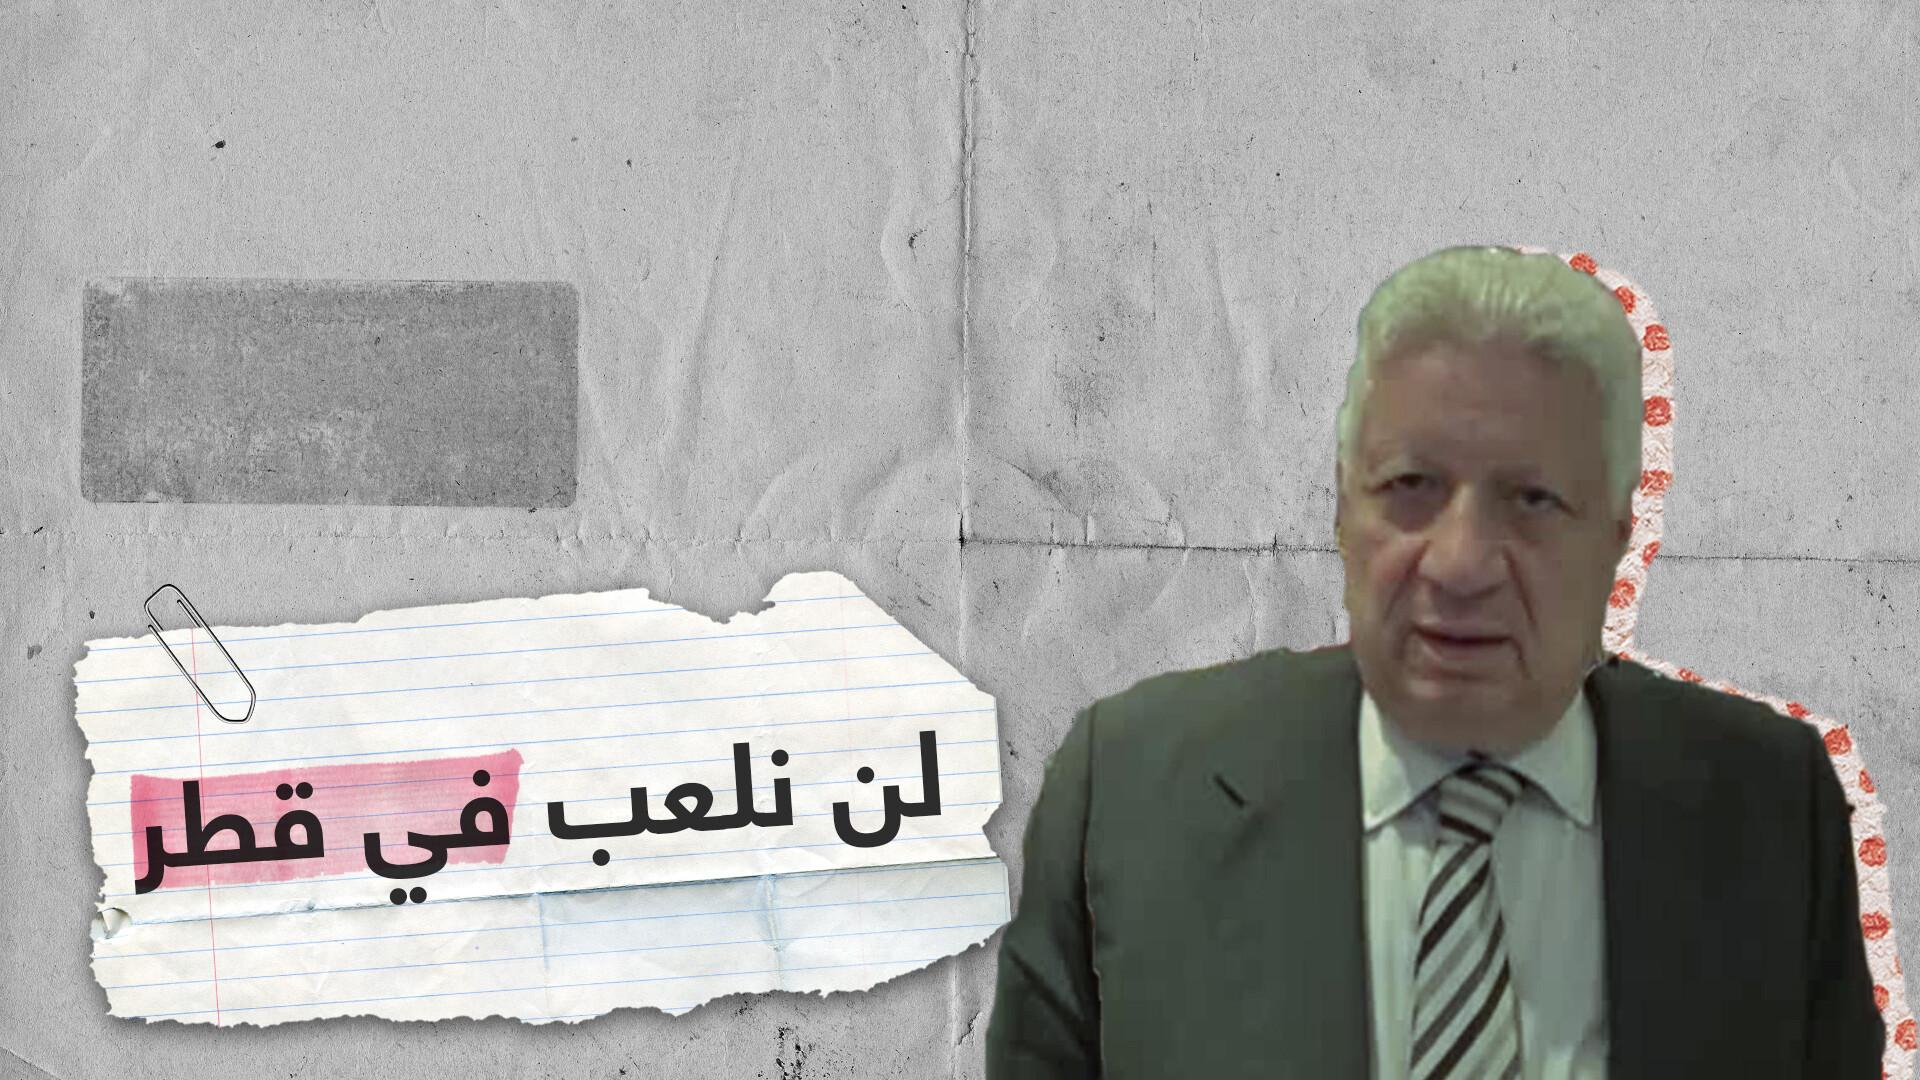 مرتضى منصور يهدد بالانسحاب من مباراة السوبر الإفريقي لو أقيمت في قطر